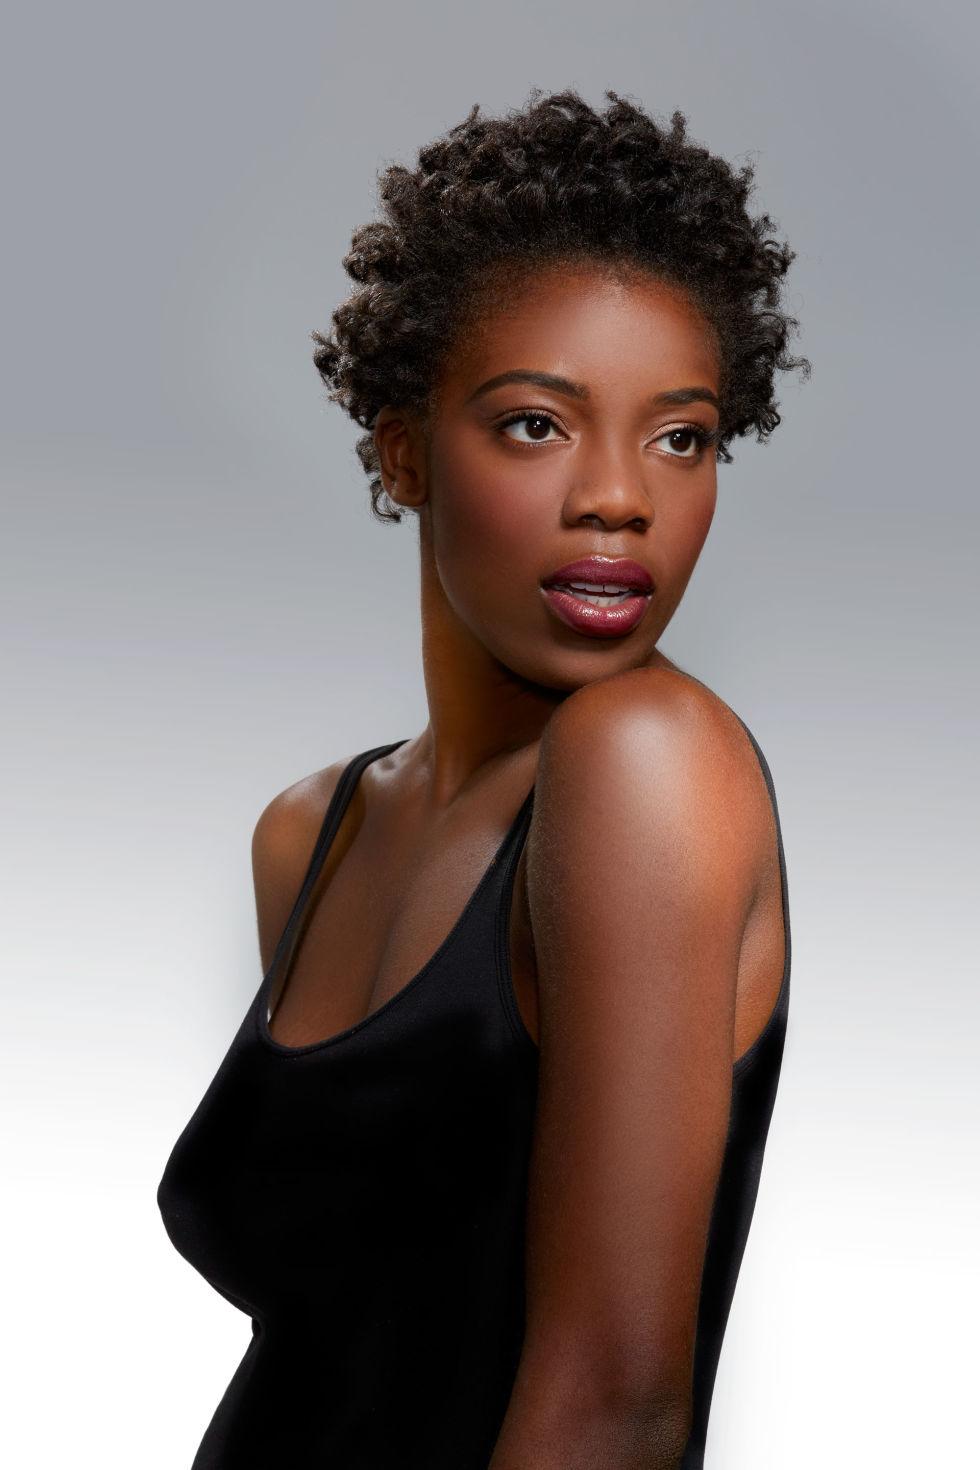 Awe Inspiring 29 Black Hairstyles Best African American Hairstyles Amp Haircuts Short Hairstyles For Black Women Fulllsitofus